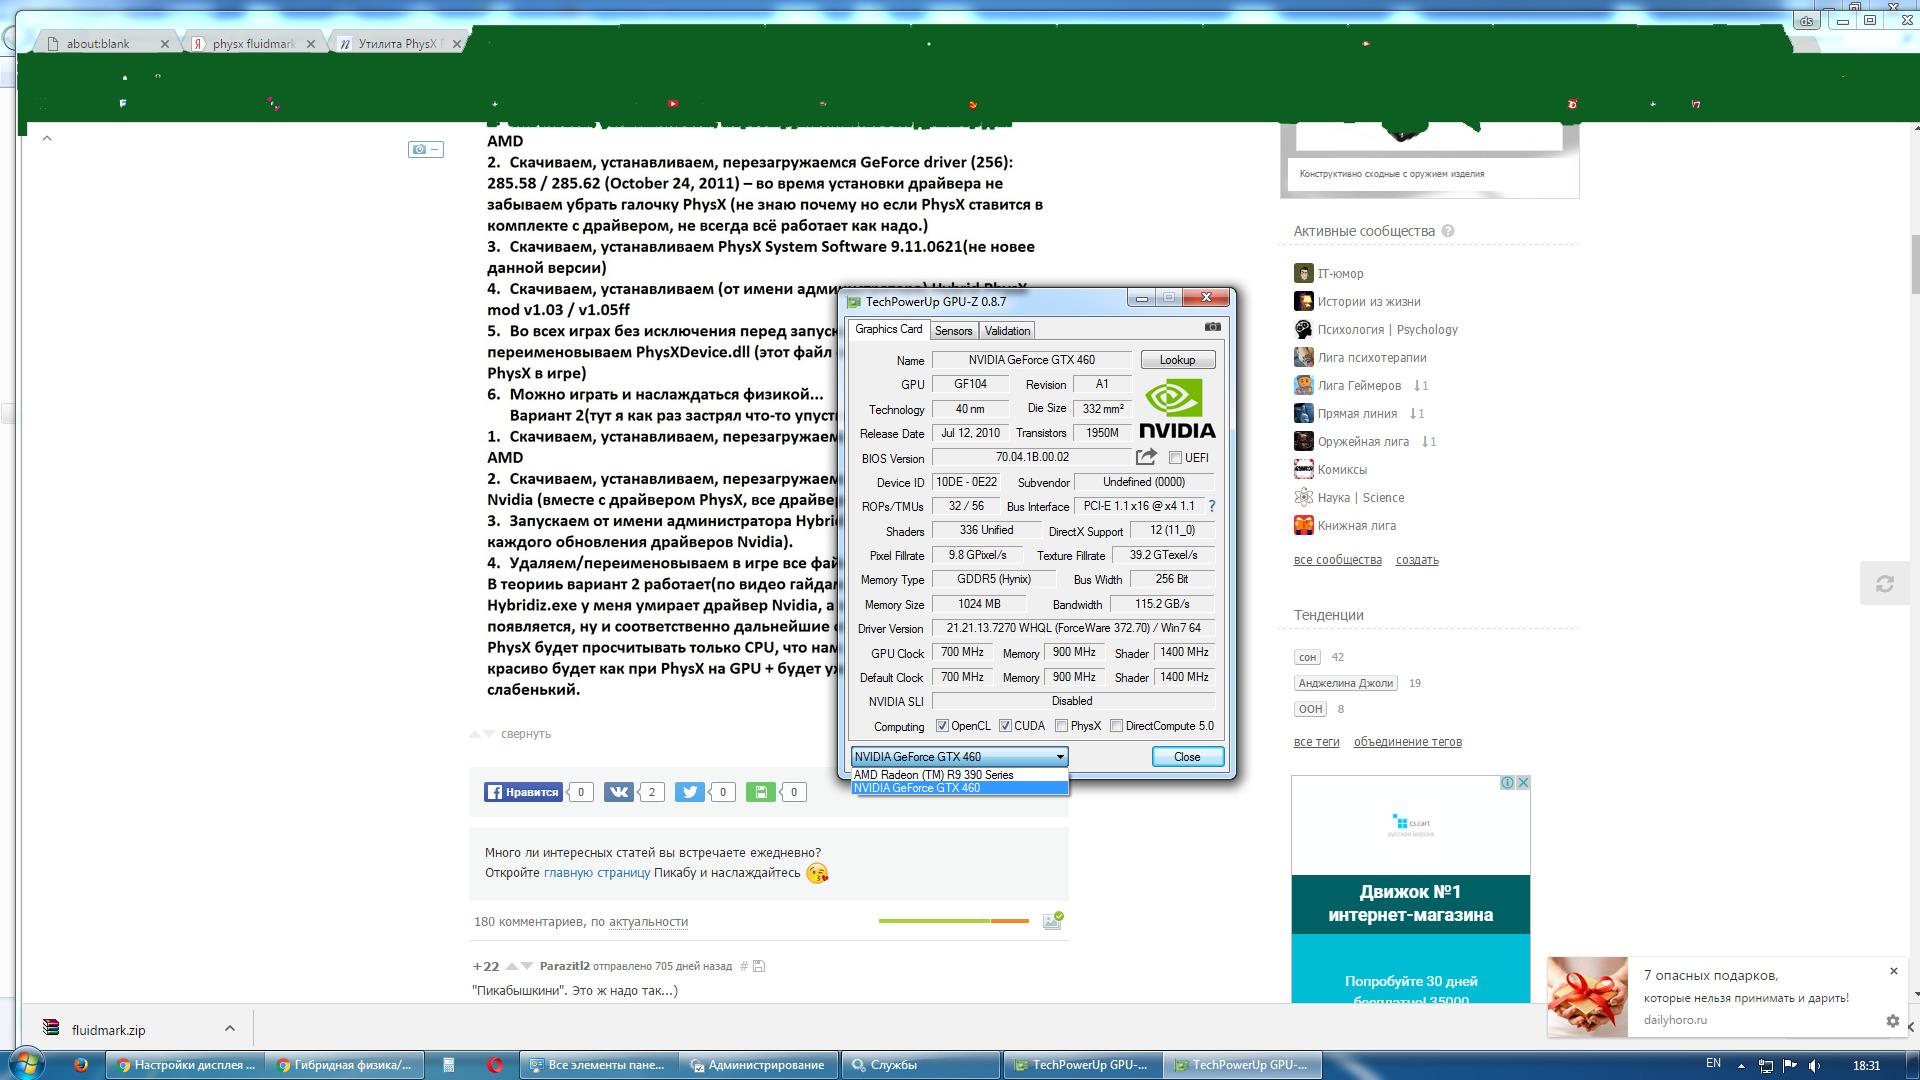 знакомства mail ru закрыт